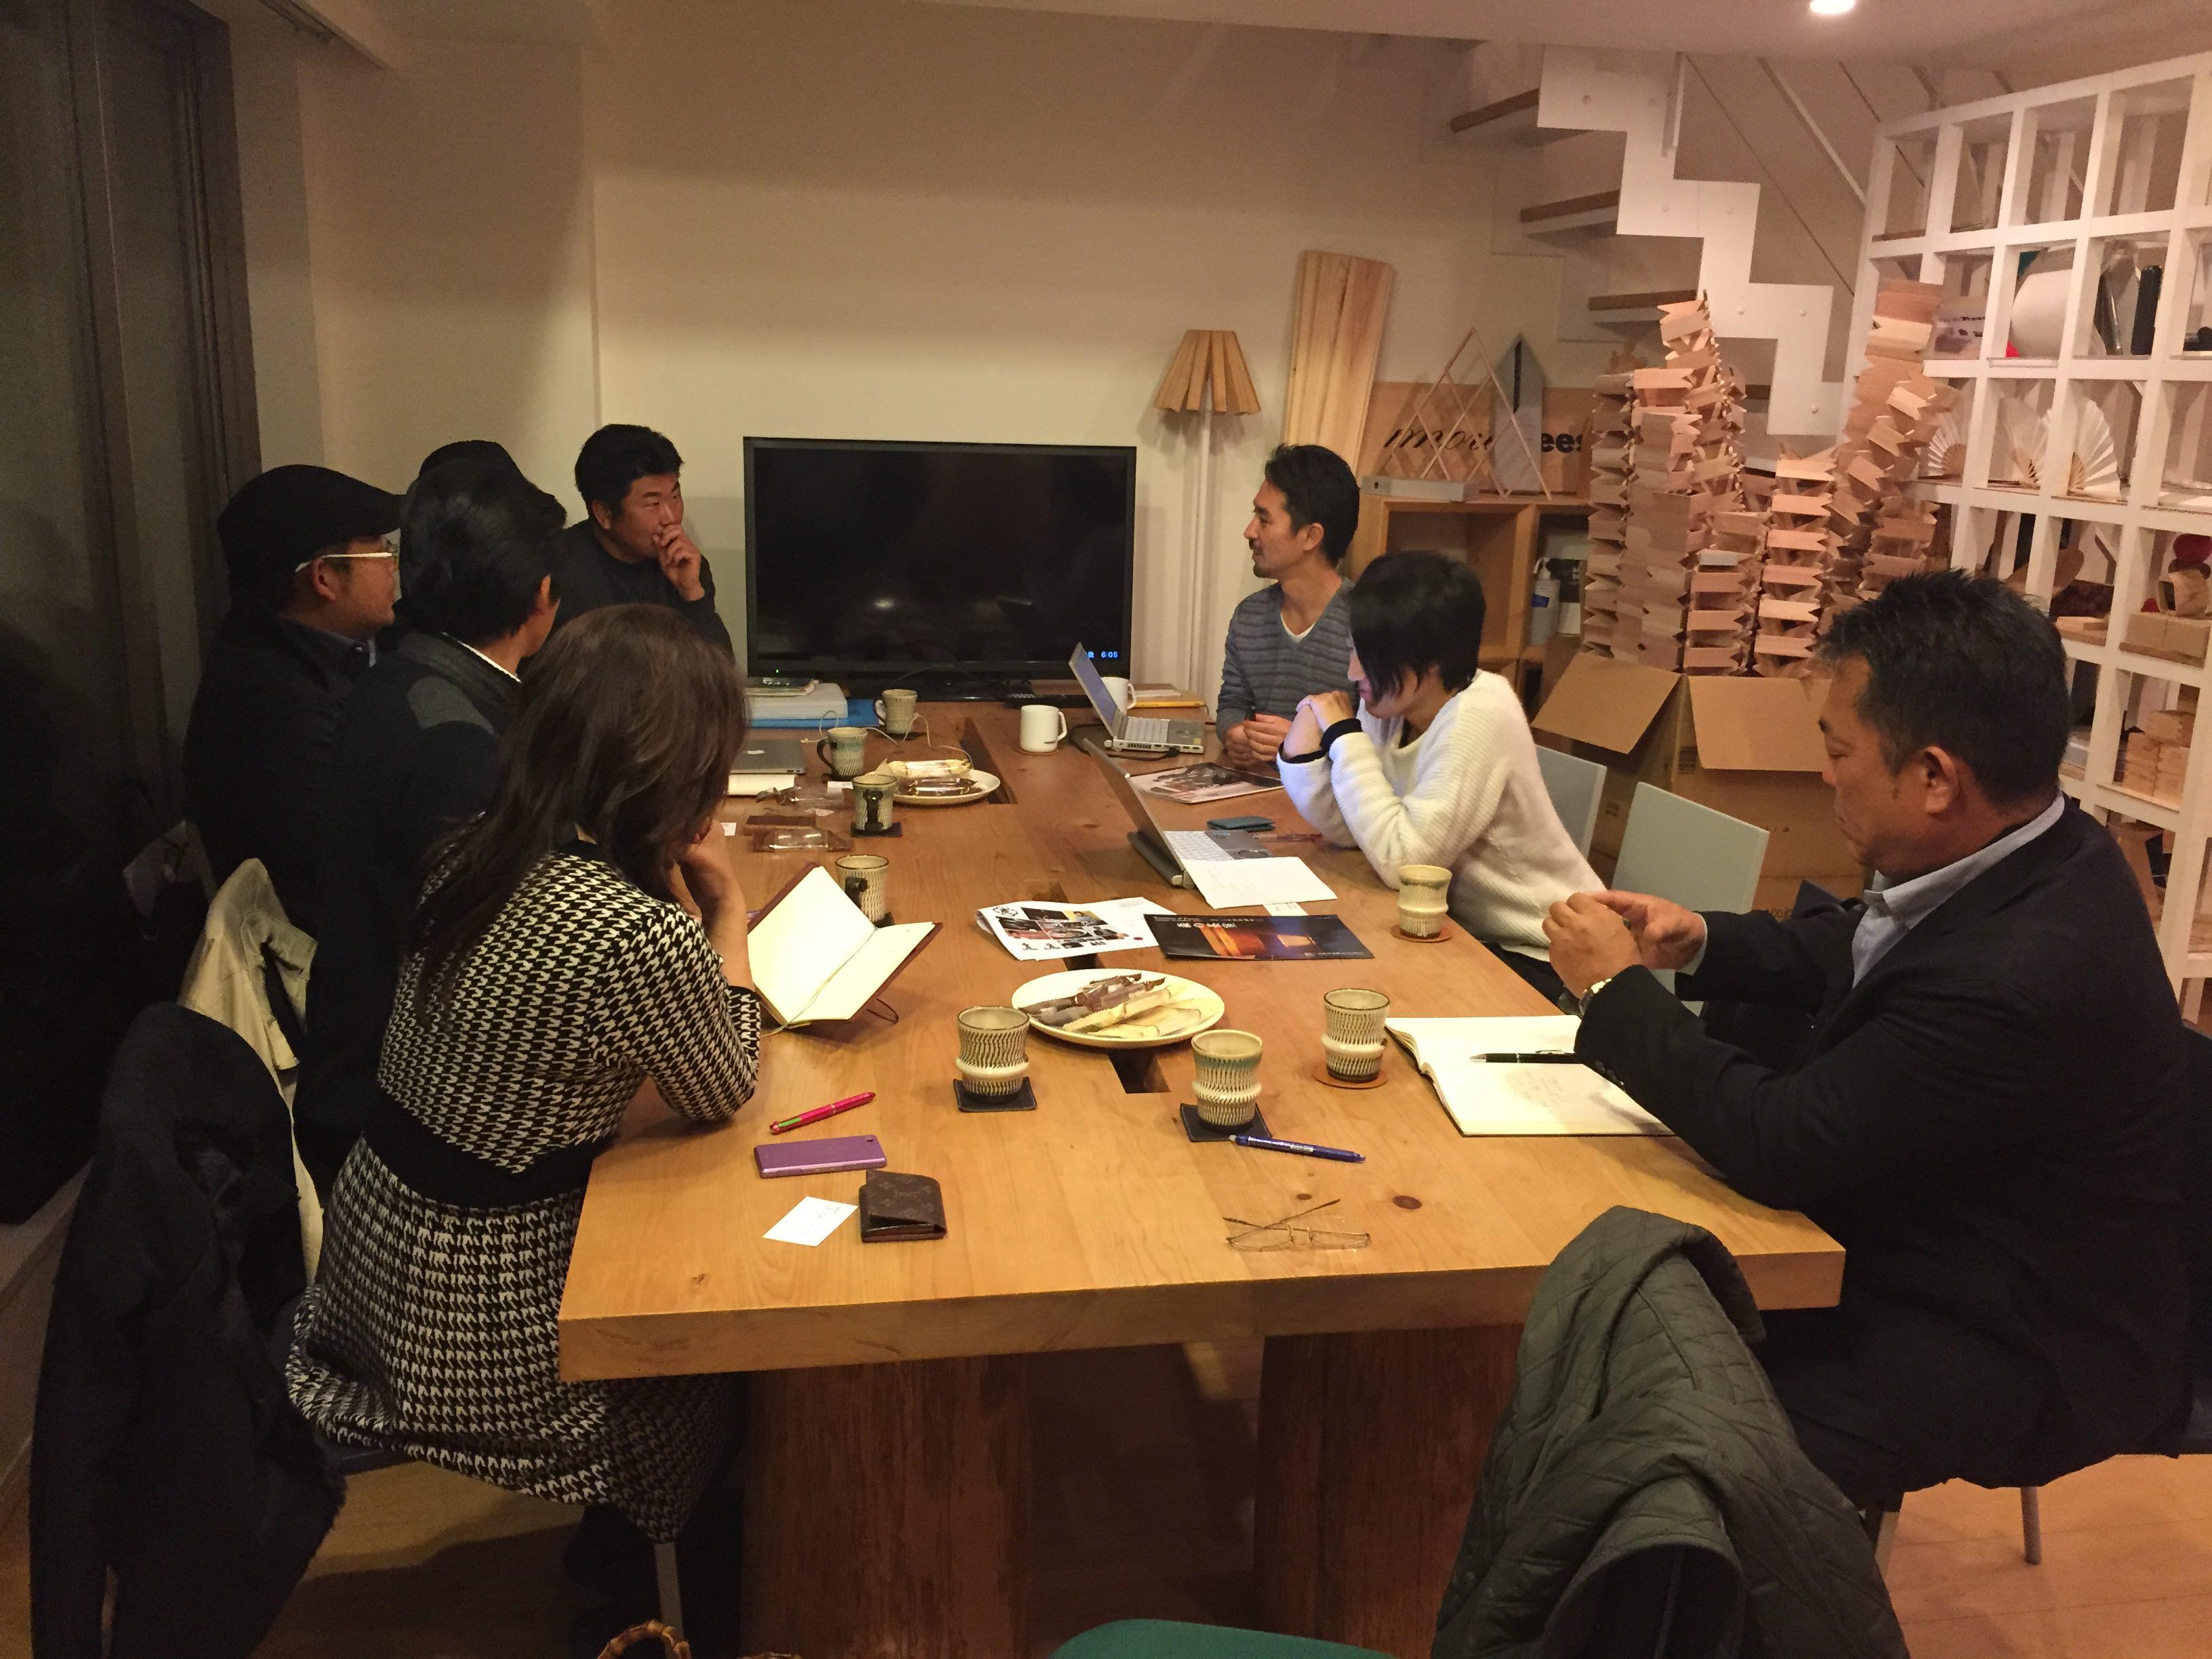 東京 坂本龍一(教授)さん代表の「モア・ツリーズ」さんとの会議